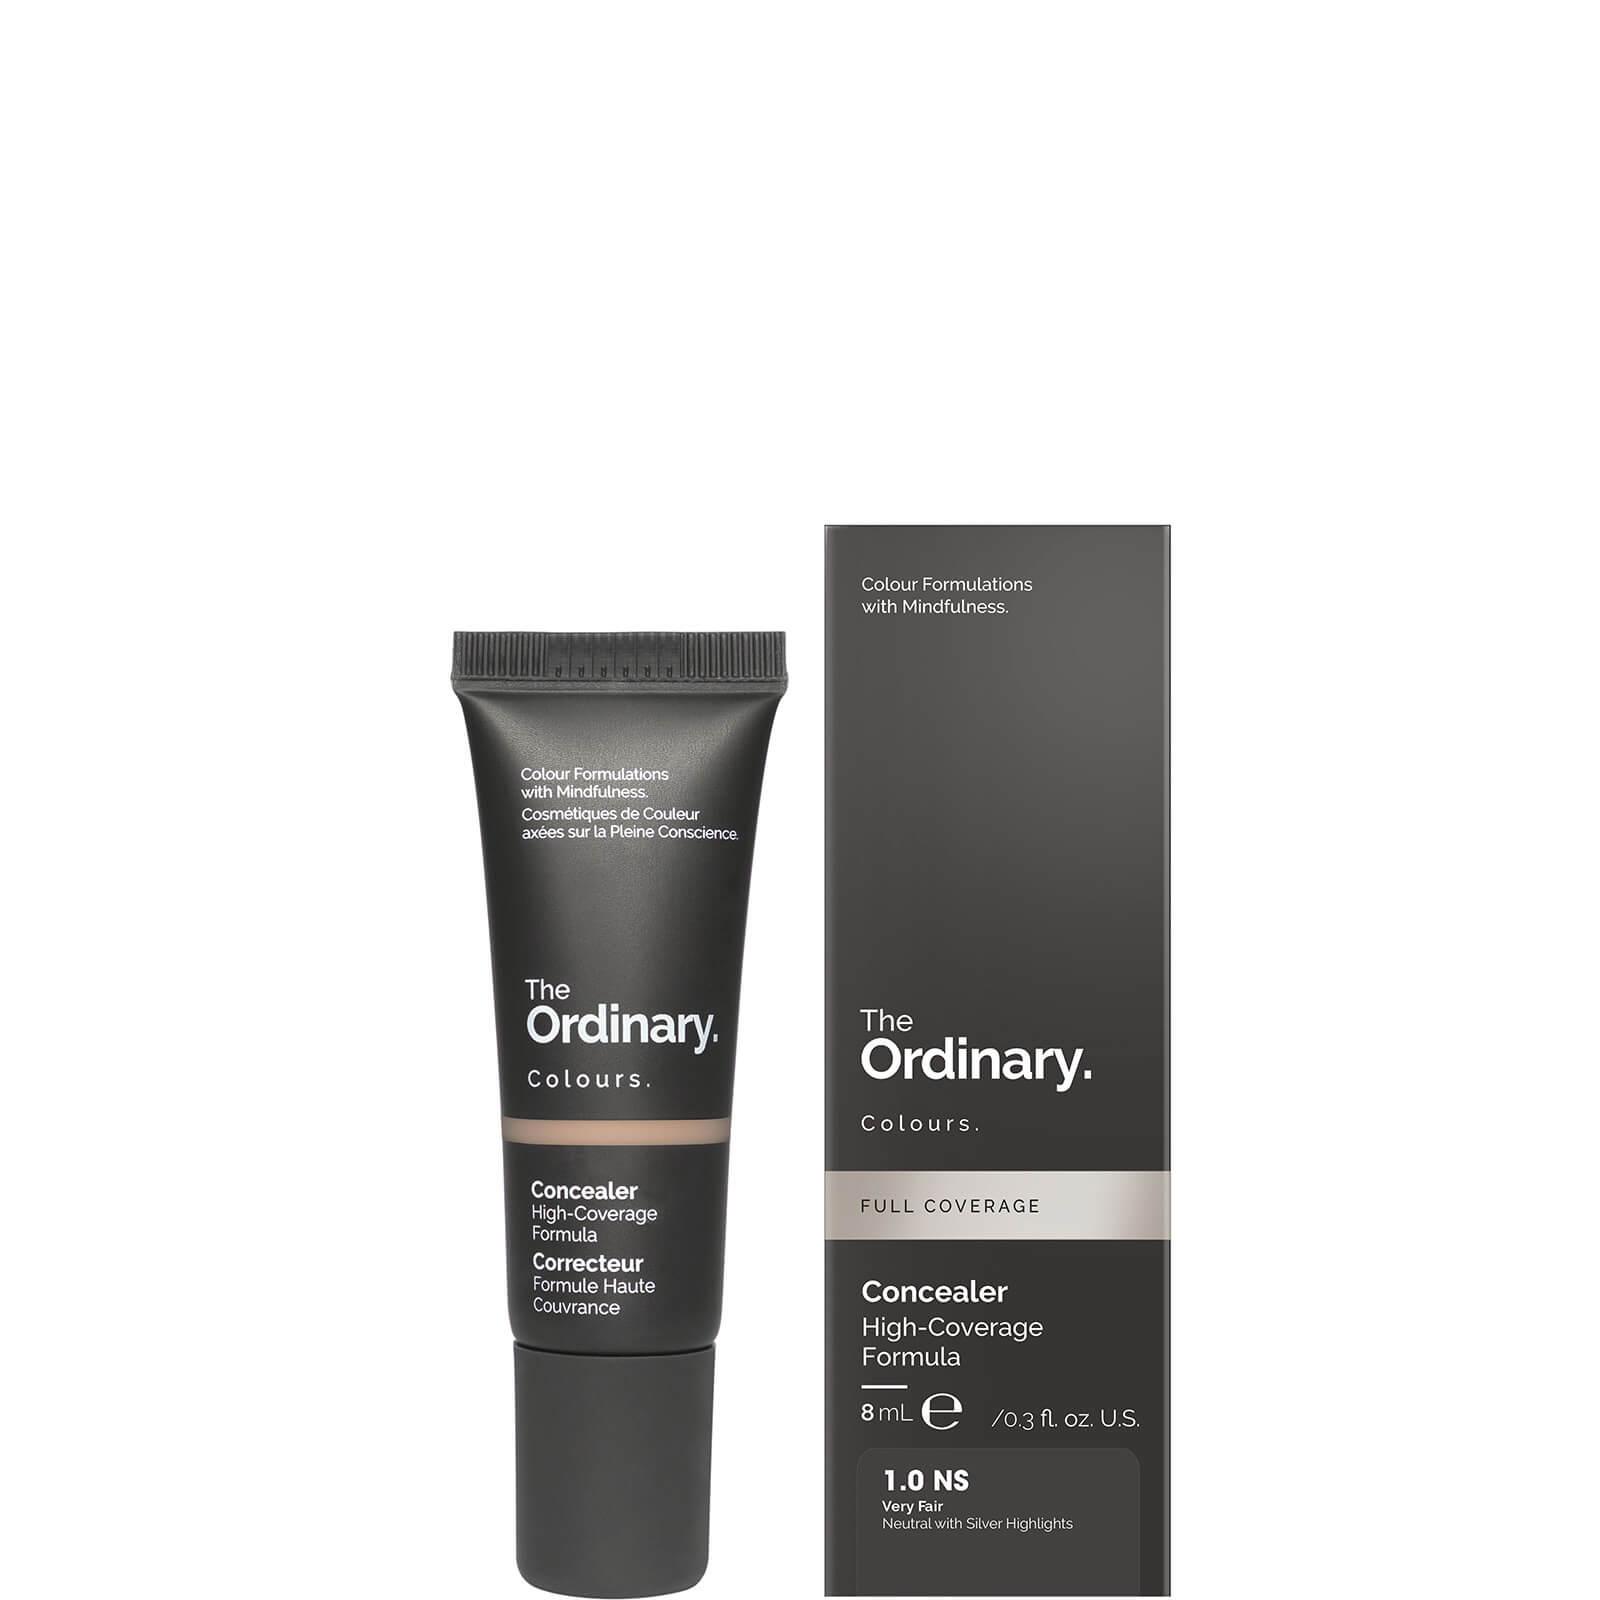 Купить The Ordinary Concealer - 1.0 Ns 8ml